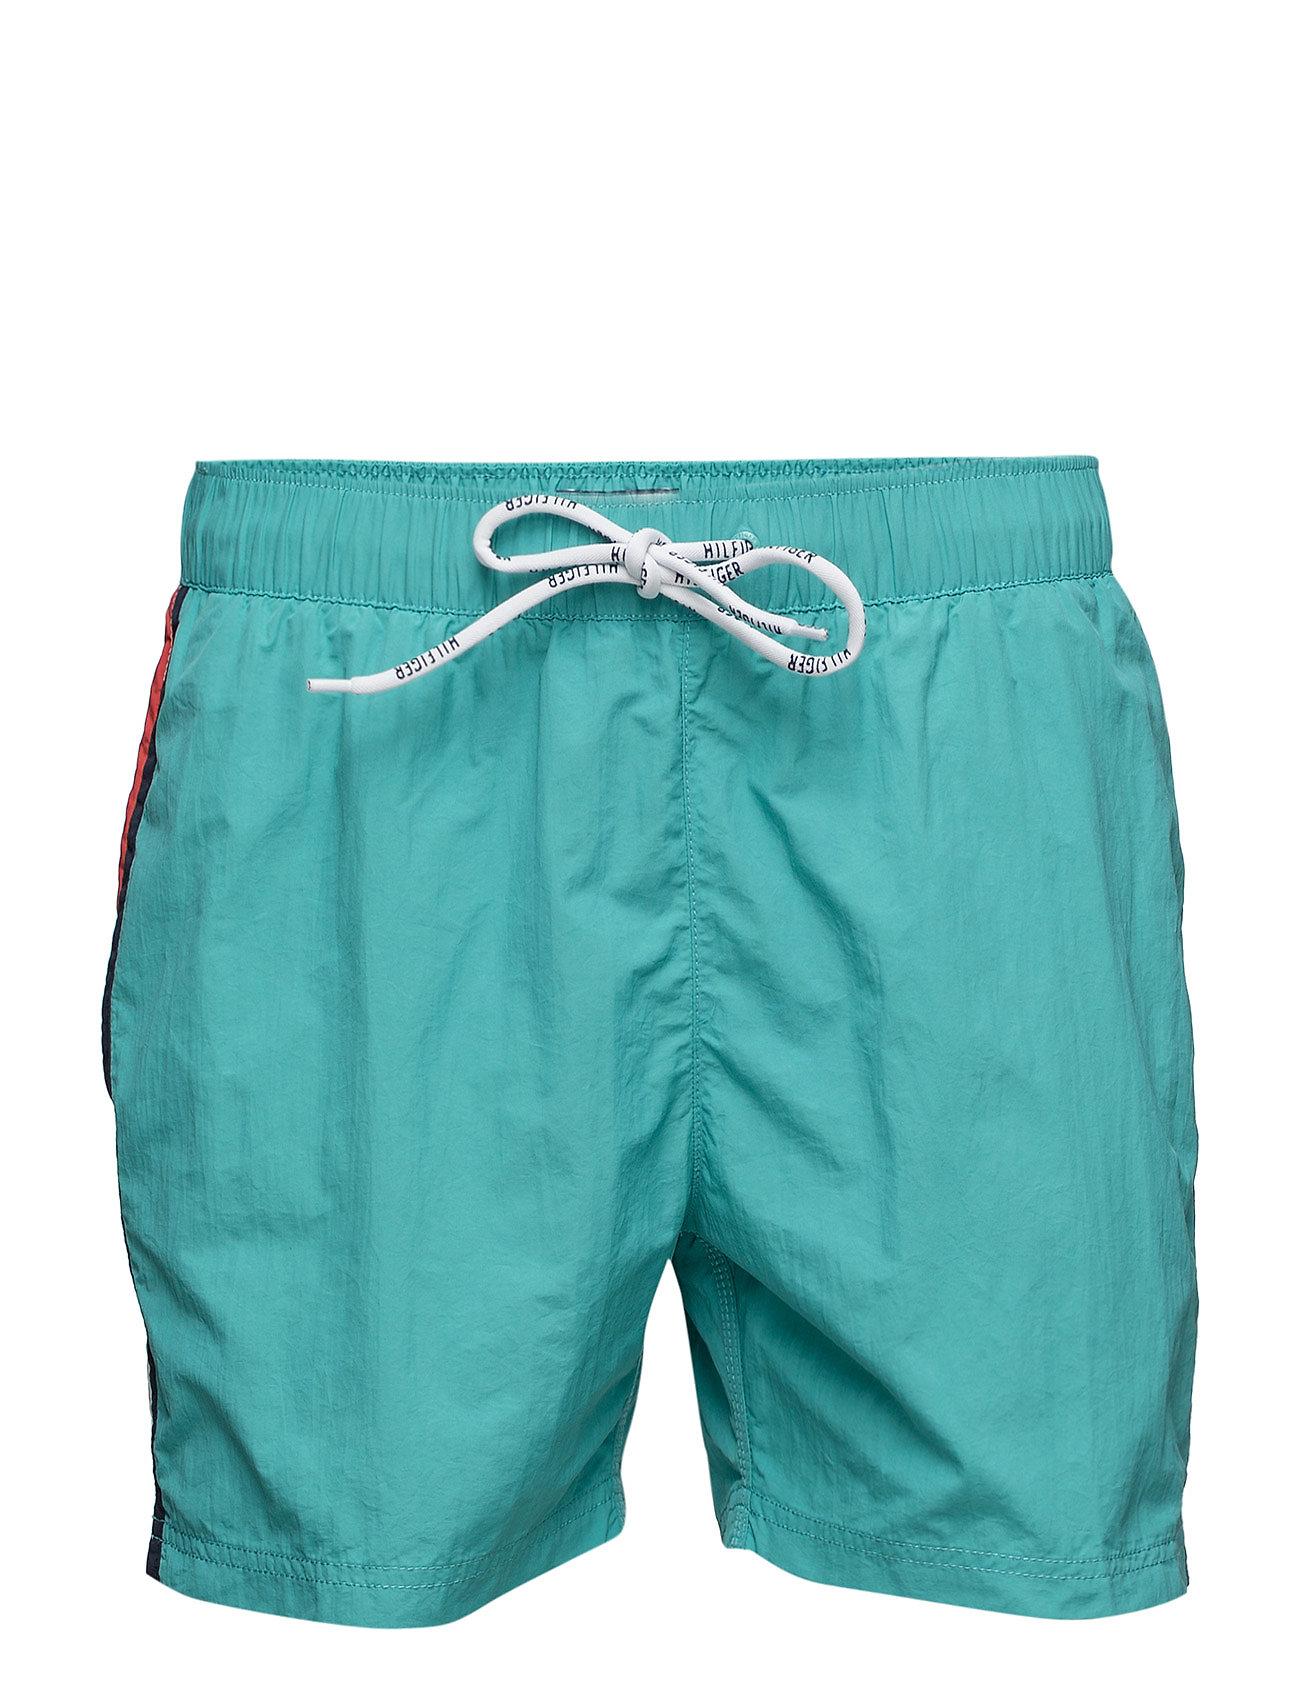 Thdm Basic Flag Swimshort 12 Hilfiger Denim Shorts til Herrer i Grøn